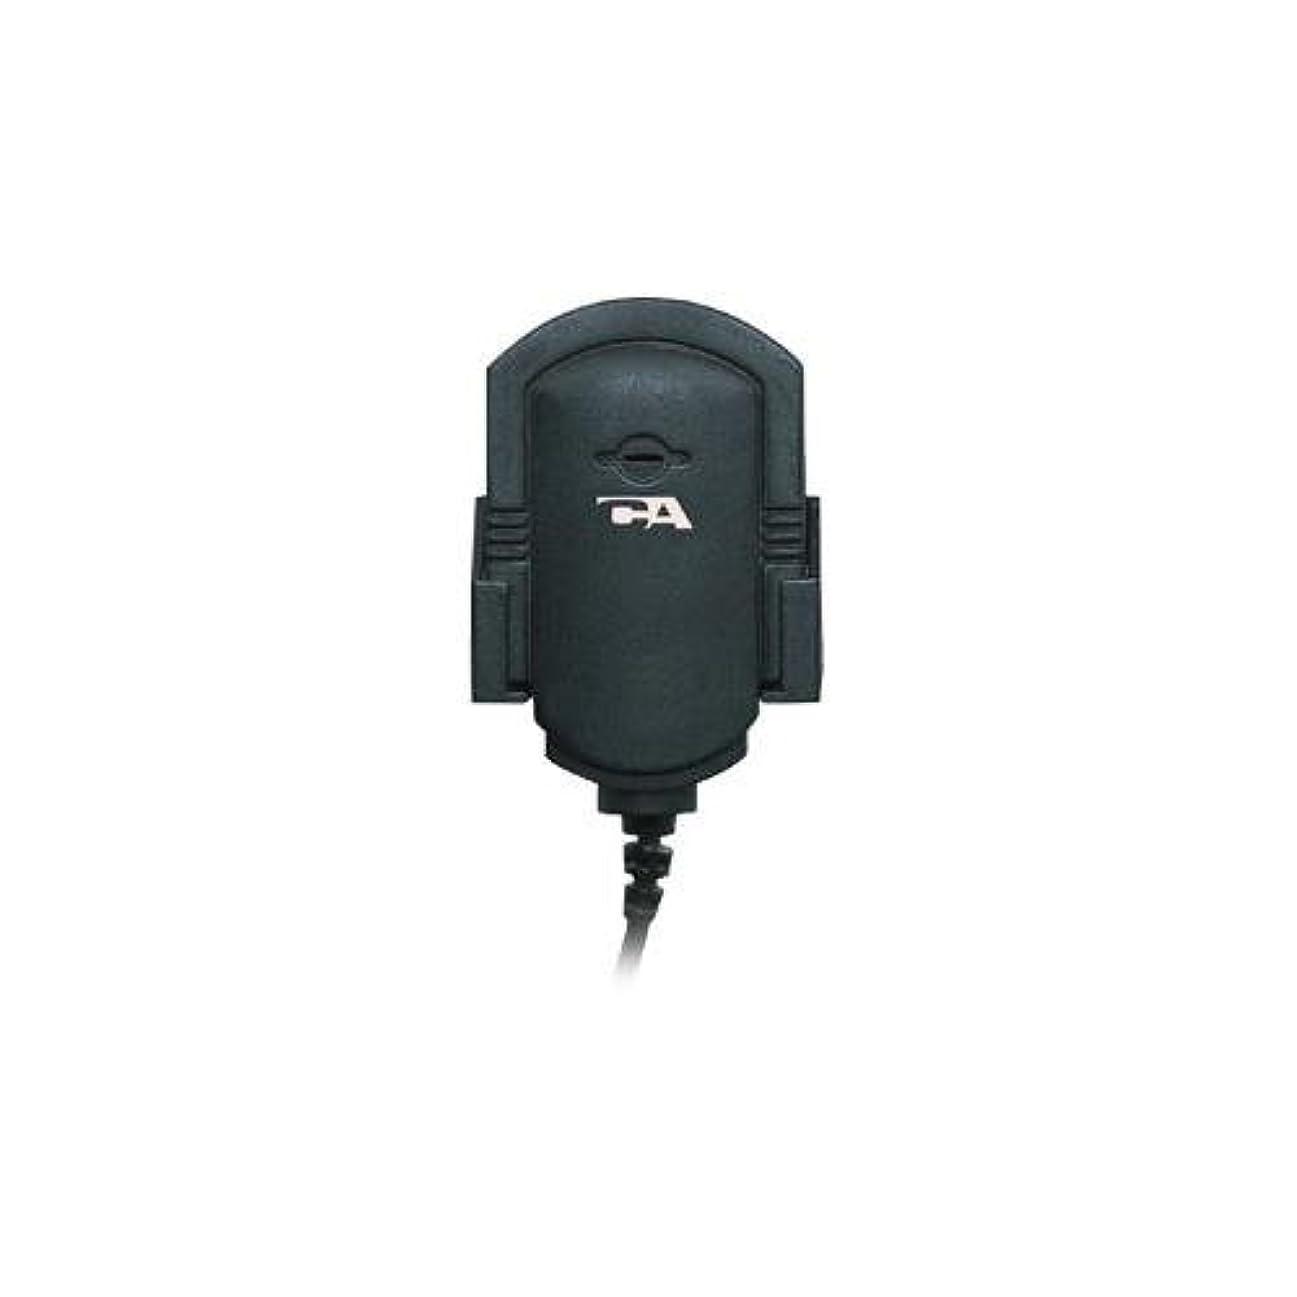 ポータル登場カストディアンCyber Acoustics acm-1bモニタ/ラペルマイクラペル – 100 Hz to 16 kHz – ケーブル – OEM